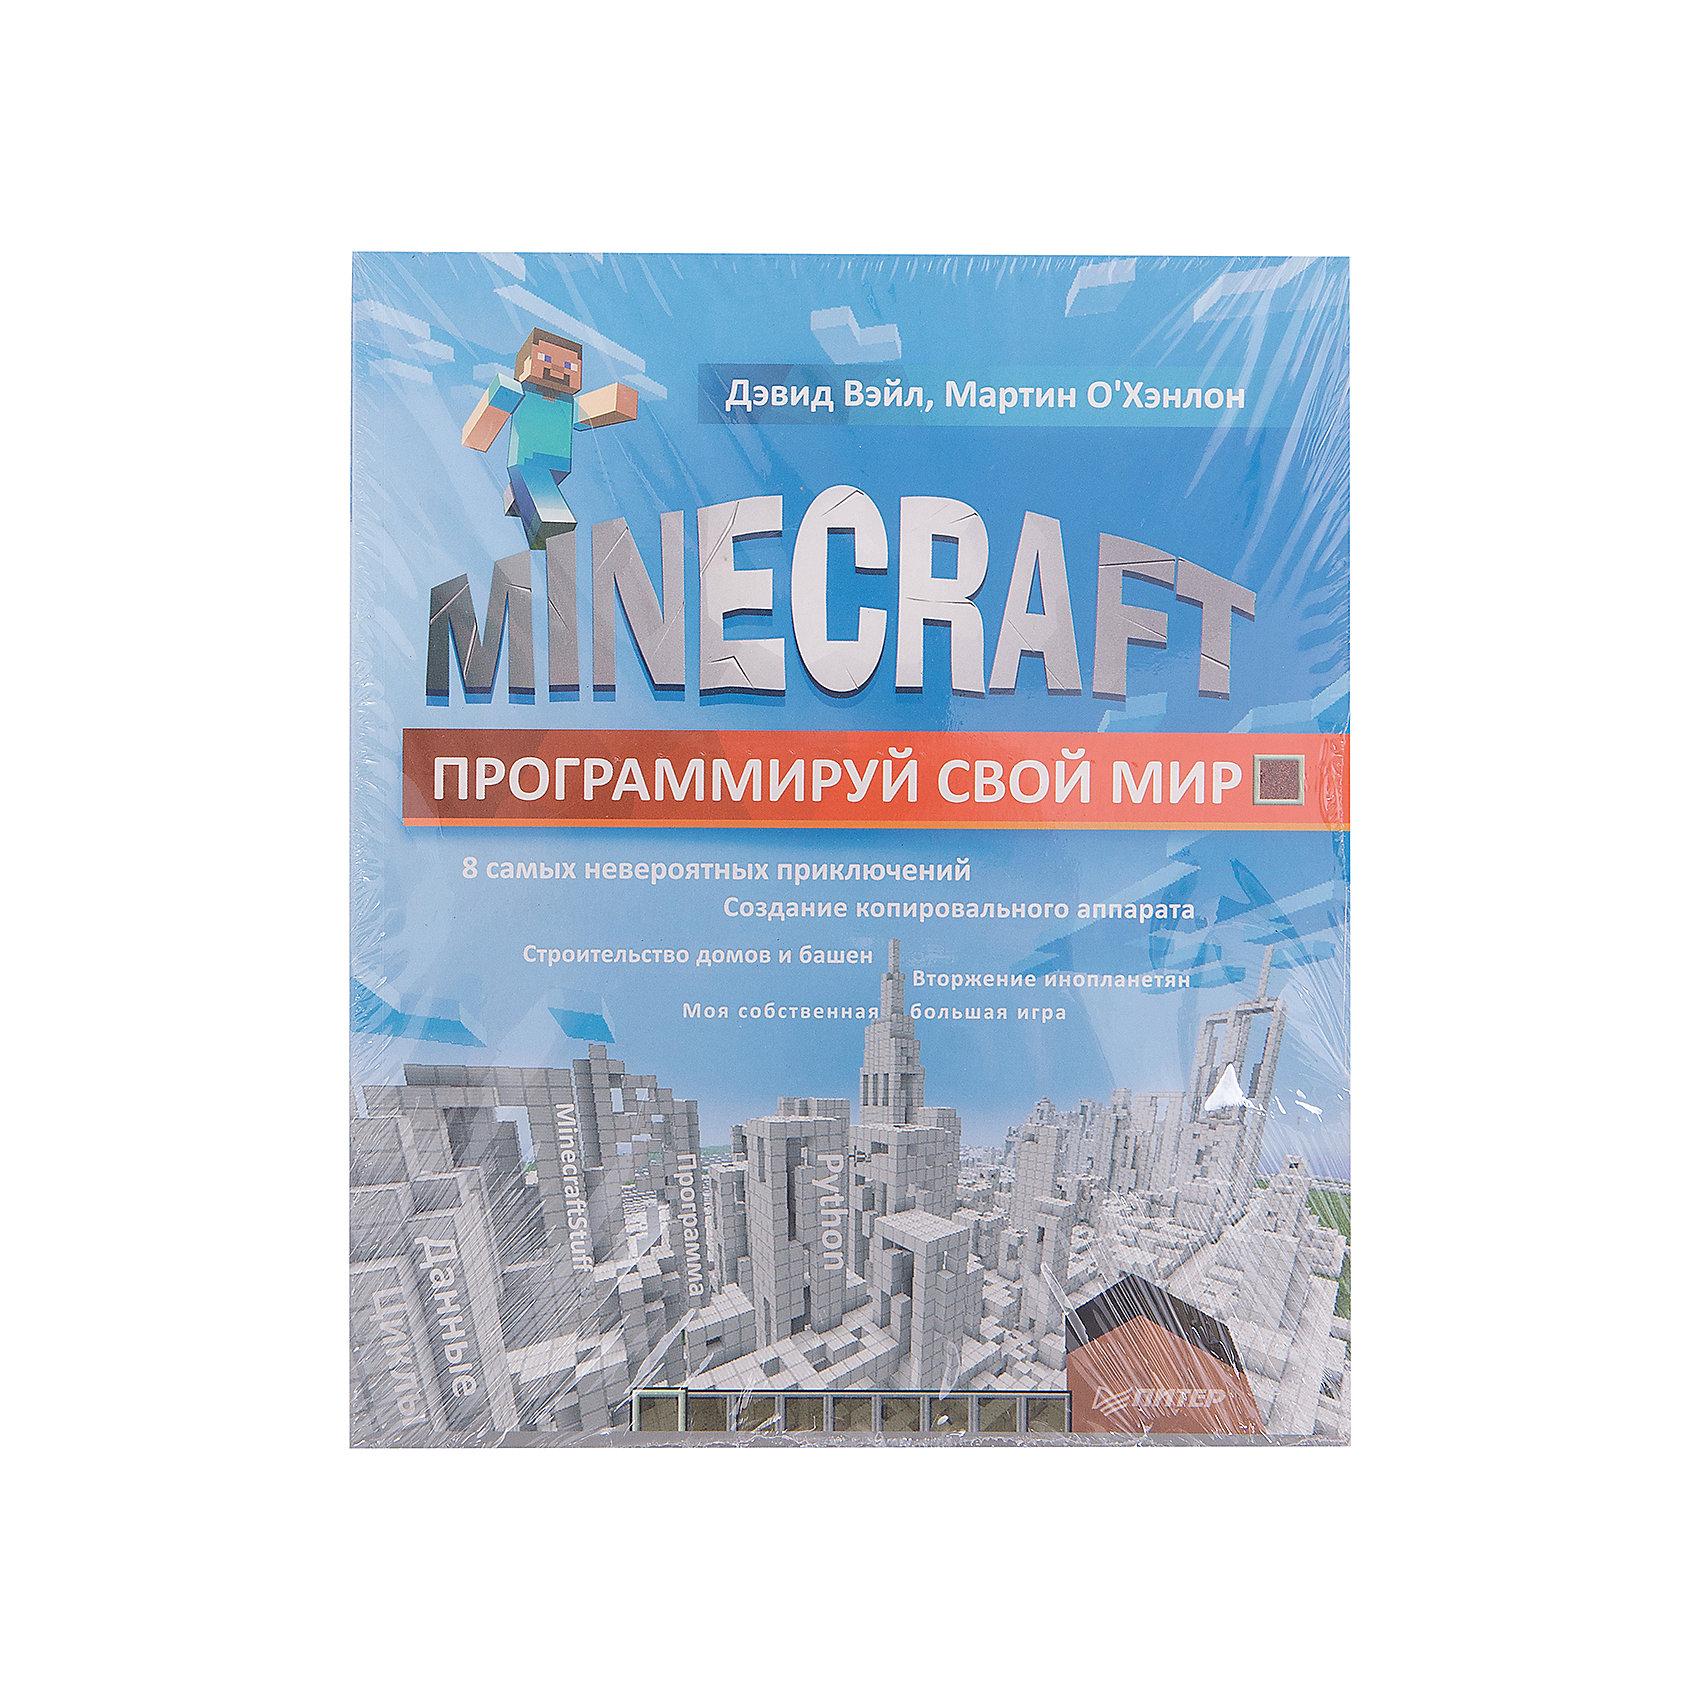 Minecraft: Программируй свой мирКниги для мальчиков<br>Характеристики книги Minecraft. Прграммируй свой мир:<br><br>• комплектация: книга<br>• цвет: белый<br>• состав: бумага 100%<br>• габариты предмета: 195х252х12 см<br>• возраст: от 12 лет<br>• жанры литературы: интернет и технологии.<br>• сезон: круглогодичный<br>• страна бренда: Россия<br>• страна производитель: Россия<br><br>В ваших руках не просто книга, а счастливый билет в удивительный мир Minecraft и программирования. Возможности творчества в компьютерном мире безграничны. Эта книга специально написана для тех, кто не только любит играть, но и хочет создавать что-то новое. Вы с легкостью освоите программирование, просто играя в Minecraft. В этом вам помогут простые пошаговые инструкции, позволяющие не только написать программу на Python, но и построить дом, фантастическое сооружение или даже 3D-копировальную машину. <br><br>Вы сможете создавать собственные интерактивные игры, заниматься поиском сокровищ и даже возводить невероятные гигантские 2D- и 3D-объекты (сферы и пирамиды). Все в ваших силах — постройте работающие огромные Minecraft-часы, спланируйте нападение инопланетян и даже сражение. Навыки программирования, полученные в этой книге, позволят вам раскрыть невероятные возможности Minecraft, недоступные вашим друзьям и знакомым.<br><br>Книгу Minecraft. Прграммируй свой мир издательства Питер  можно купить в нашем интернет-магазине.<br><br>Ширина мм: 252<br>Глубина мм: 195<br>Высота мм: 120<br>Вес г: 426<br>Возраст от месяцев: 144<br>Возраст до месяцев: 2147483647<br>Пол: Унисекс<br>Возраст: Детский<br>SKU: 5480490